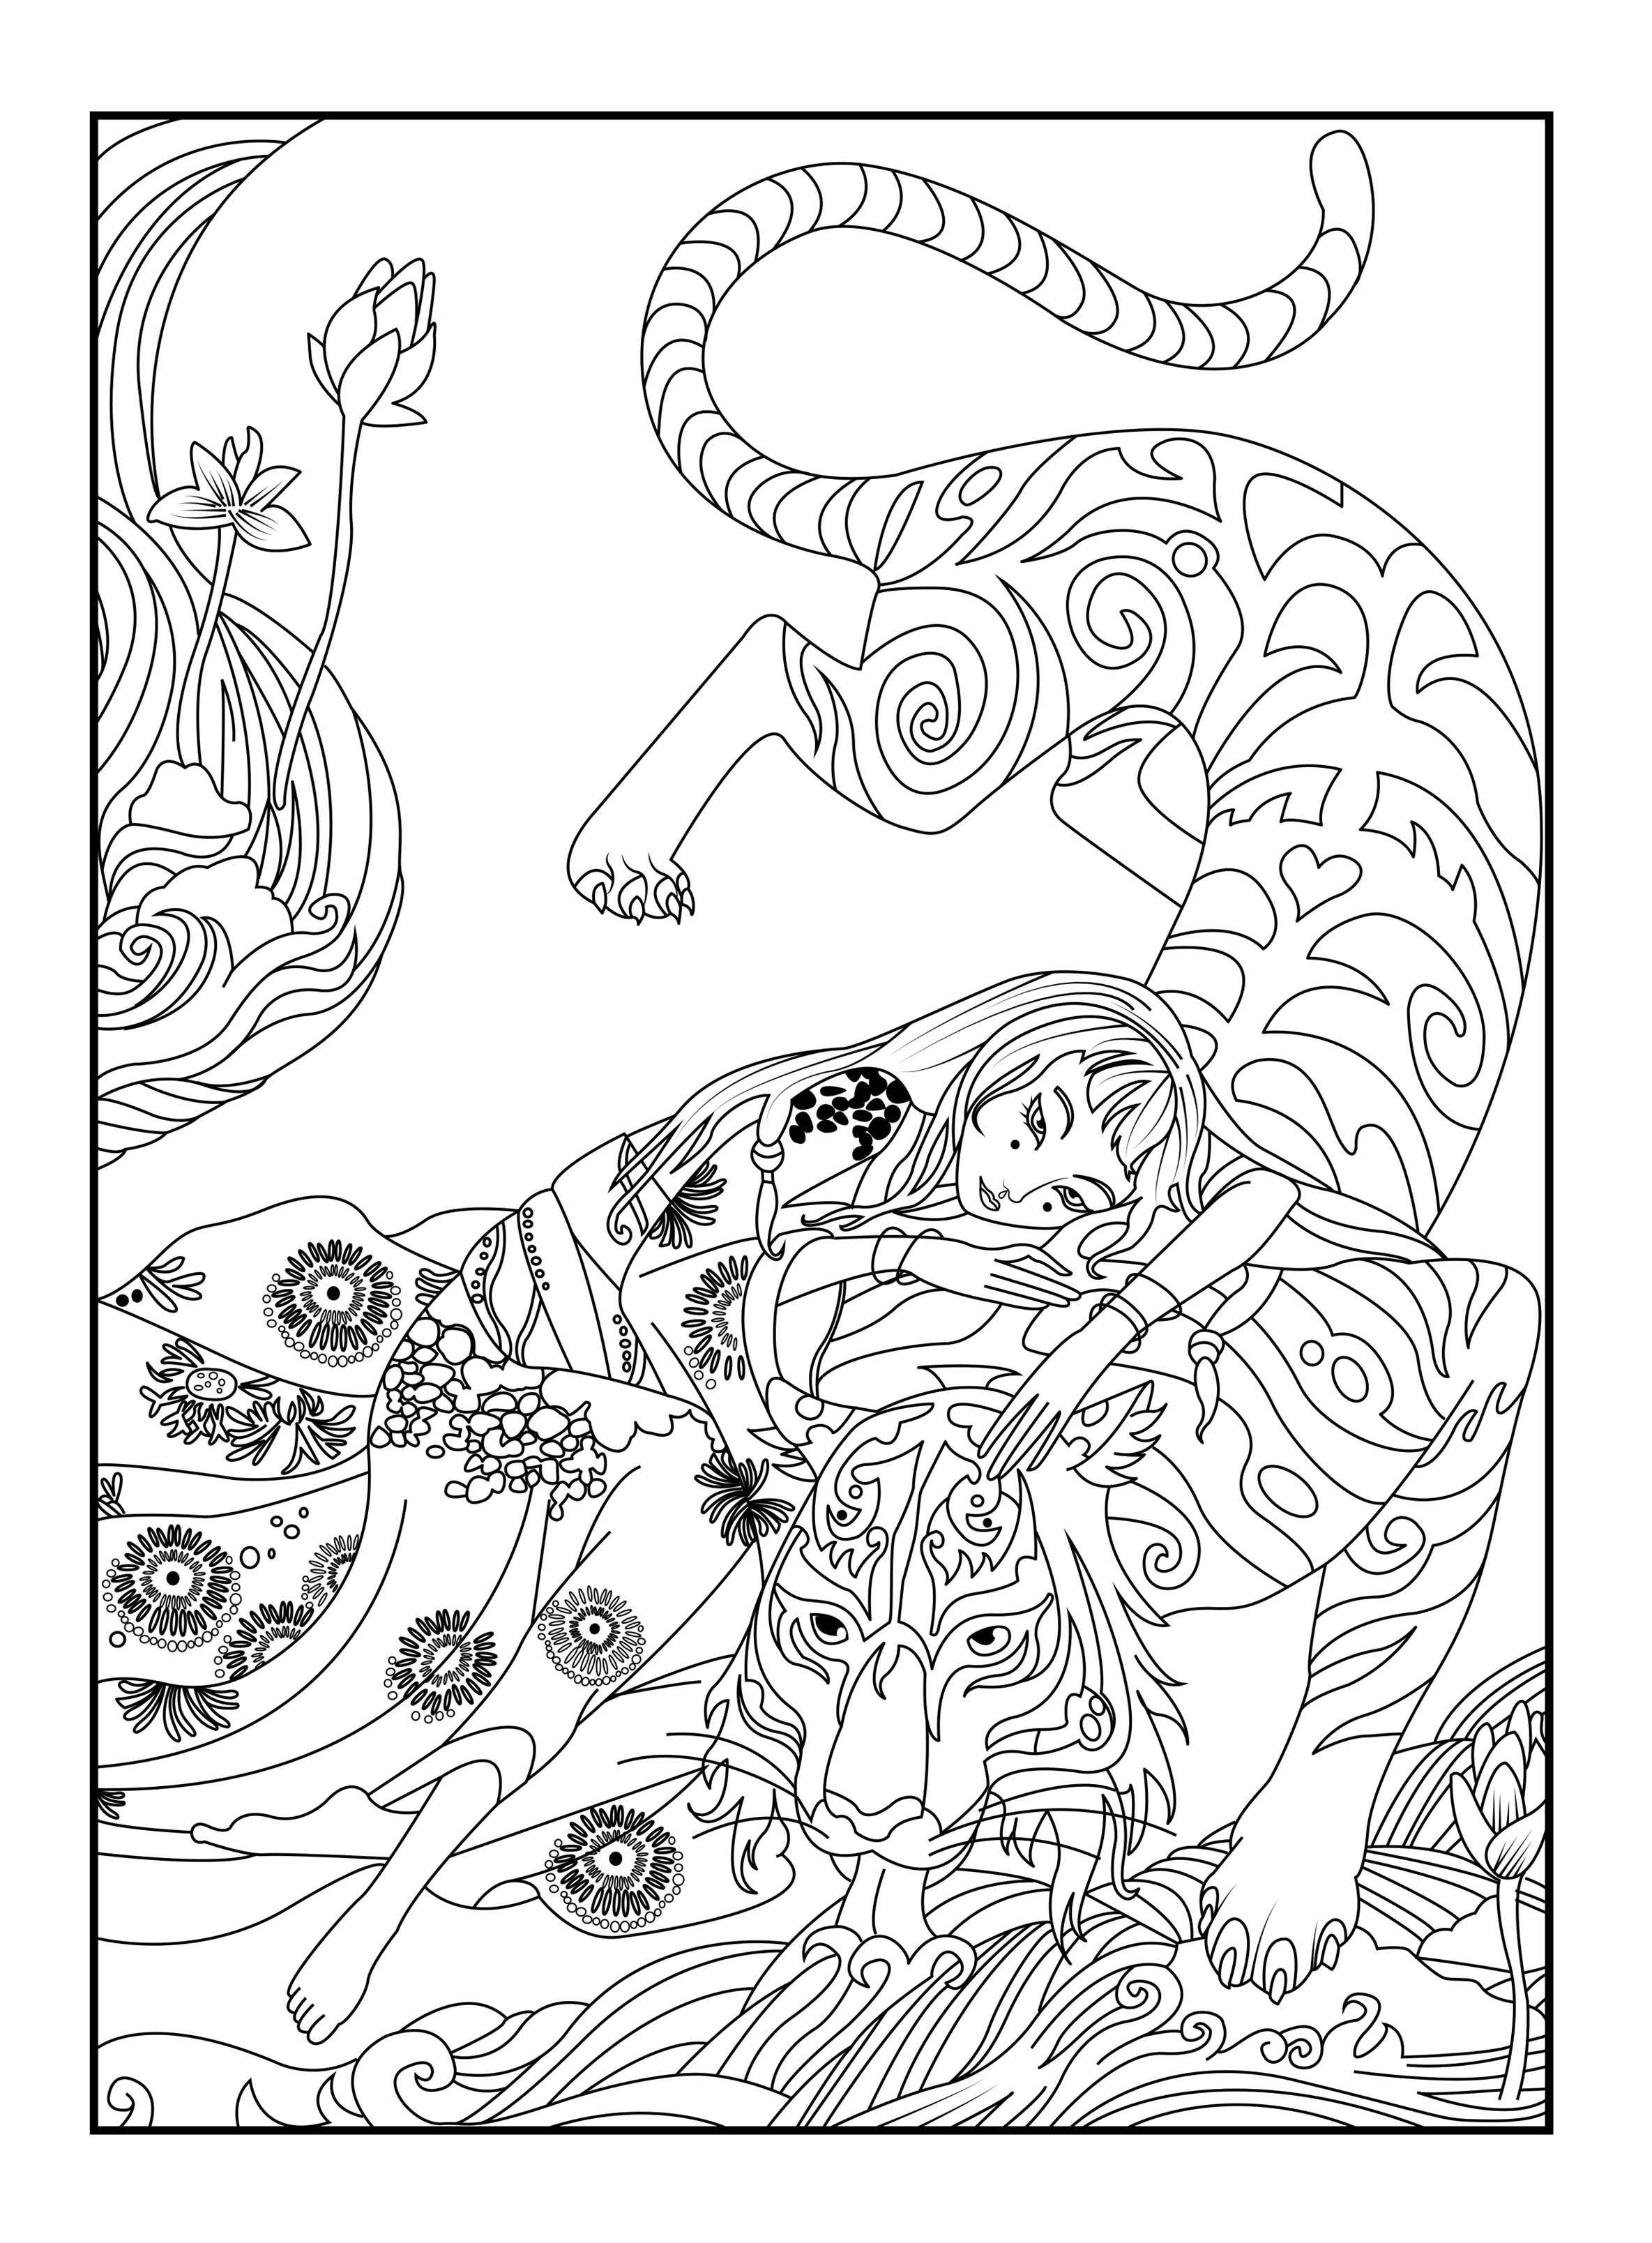 Voici le coloriage réalisé par Céline mettant en avant un tigre et une japonaise